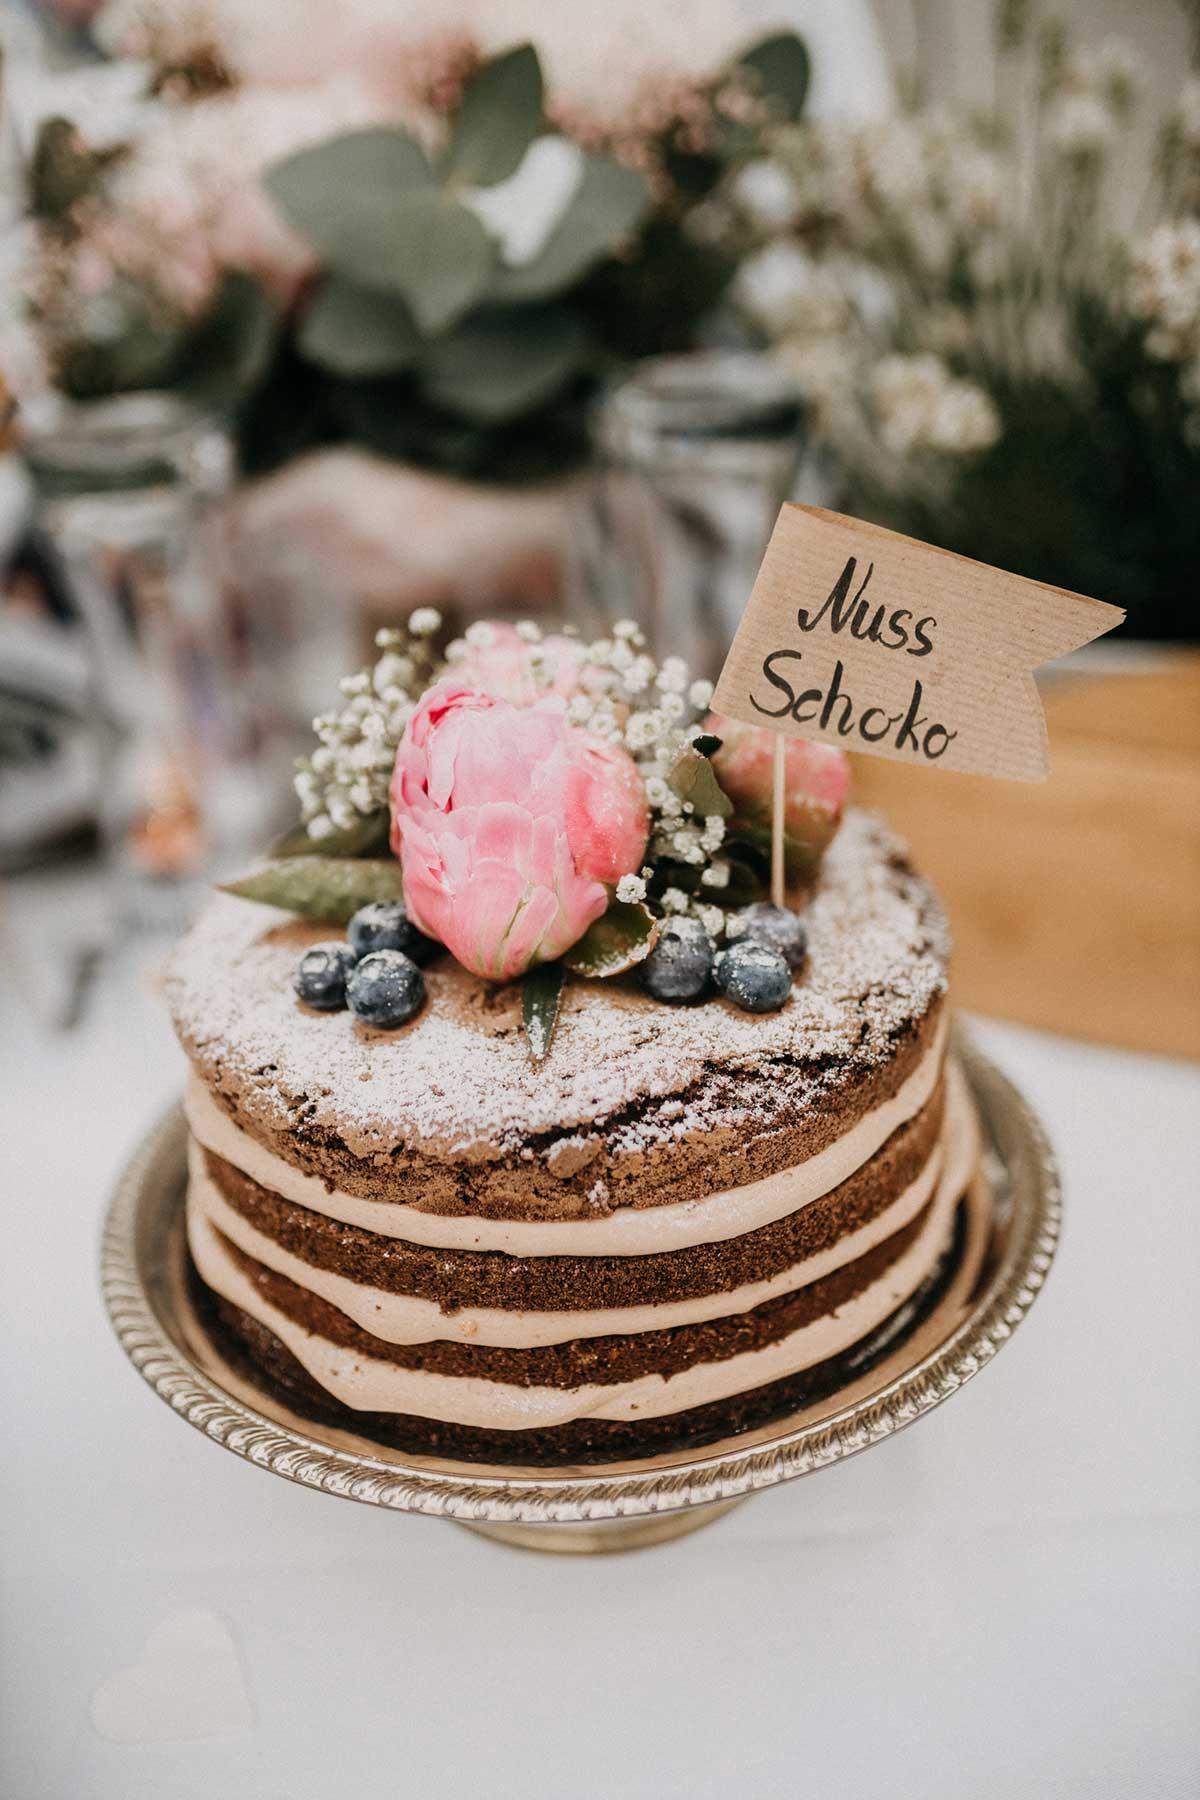 Nuss Schokoladen Torte bei der Hochzeit